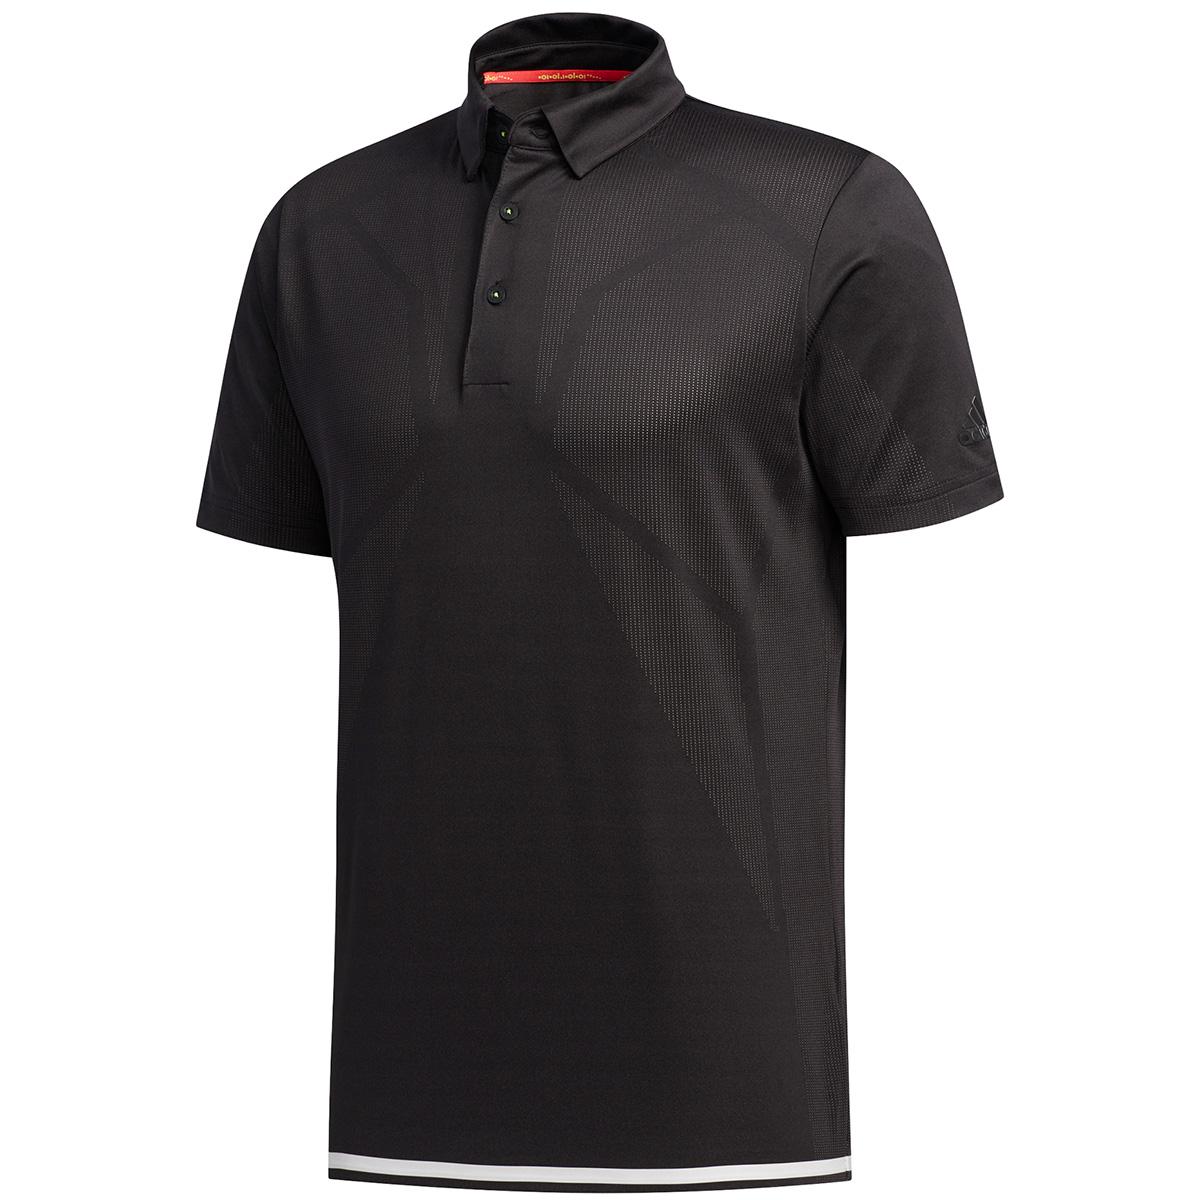 ジャカードベンチレーション 半袖ポロシャツ